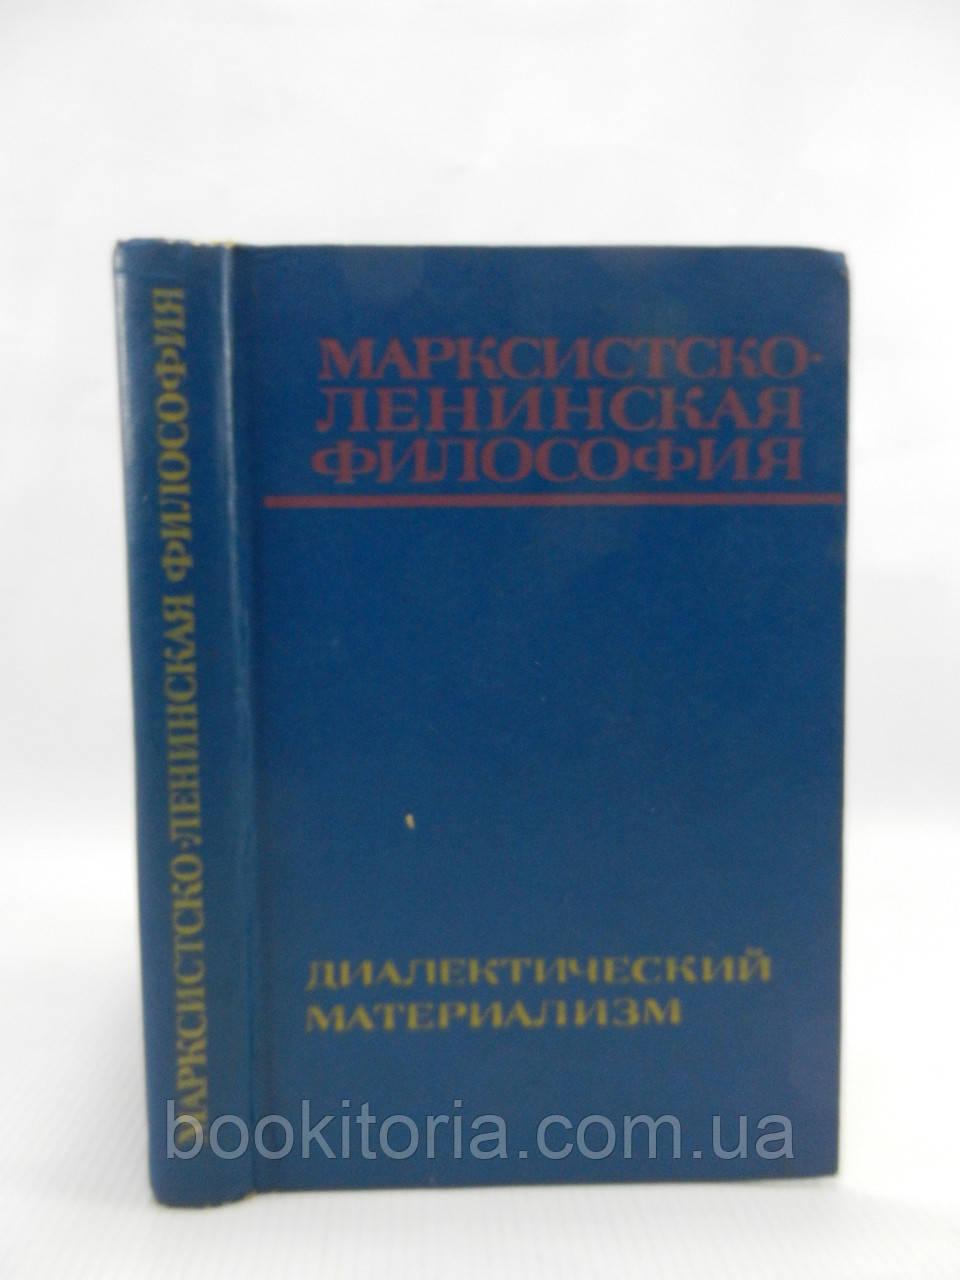 Попов С.И. и др. Марксистско-ленинская философия. Диалектический материализм (б/у).